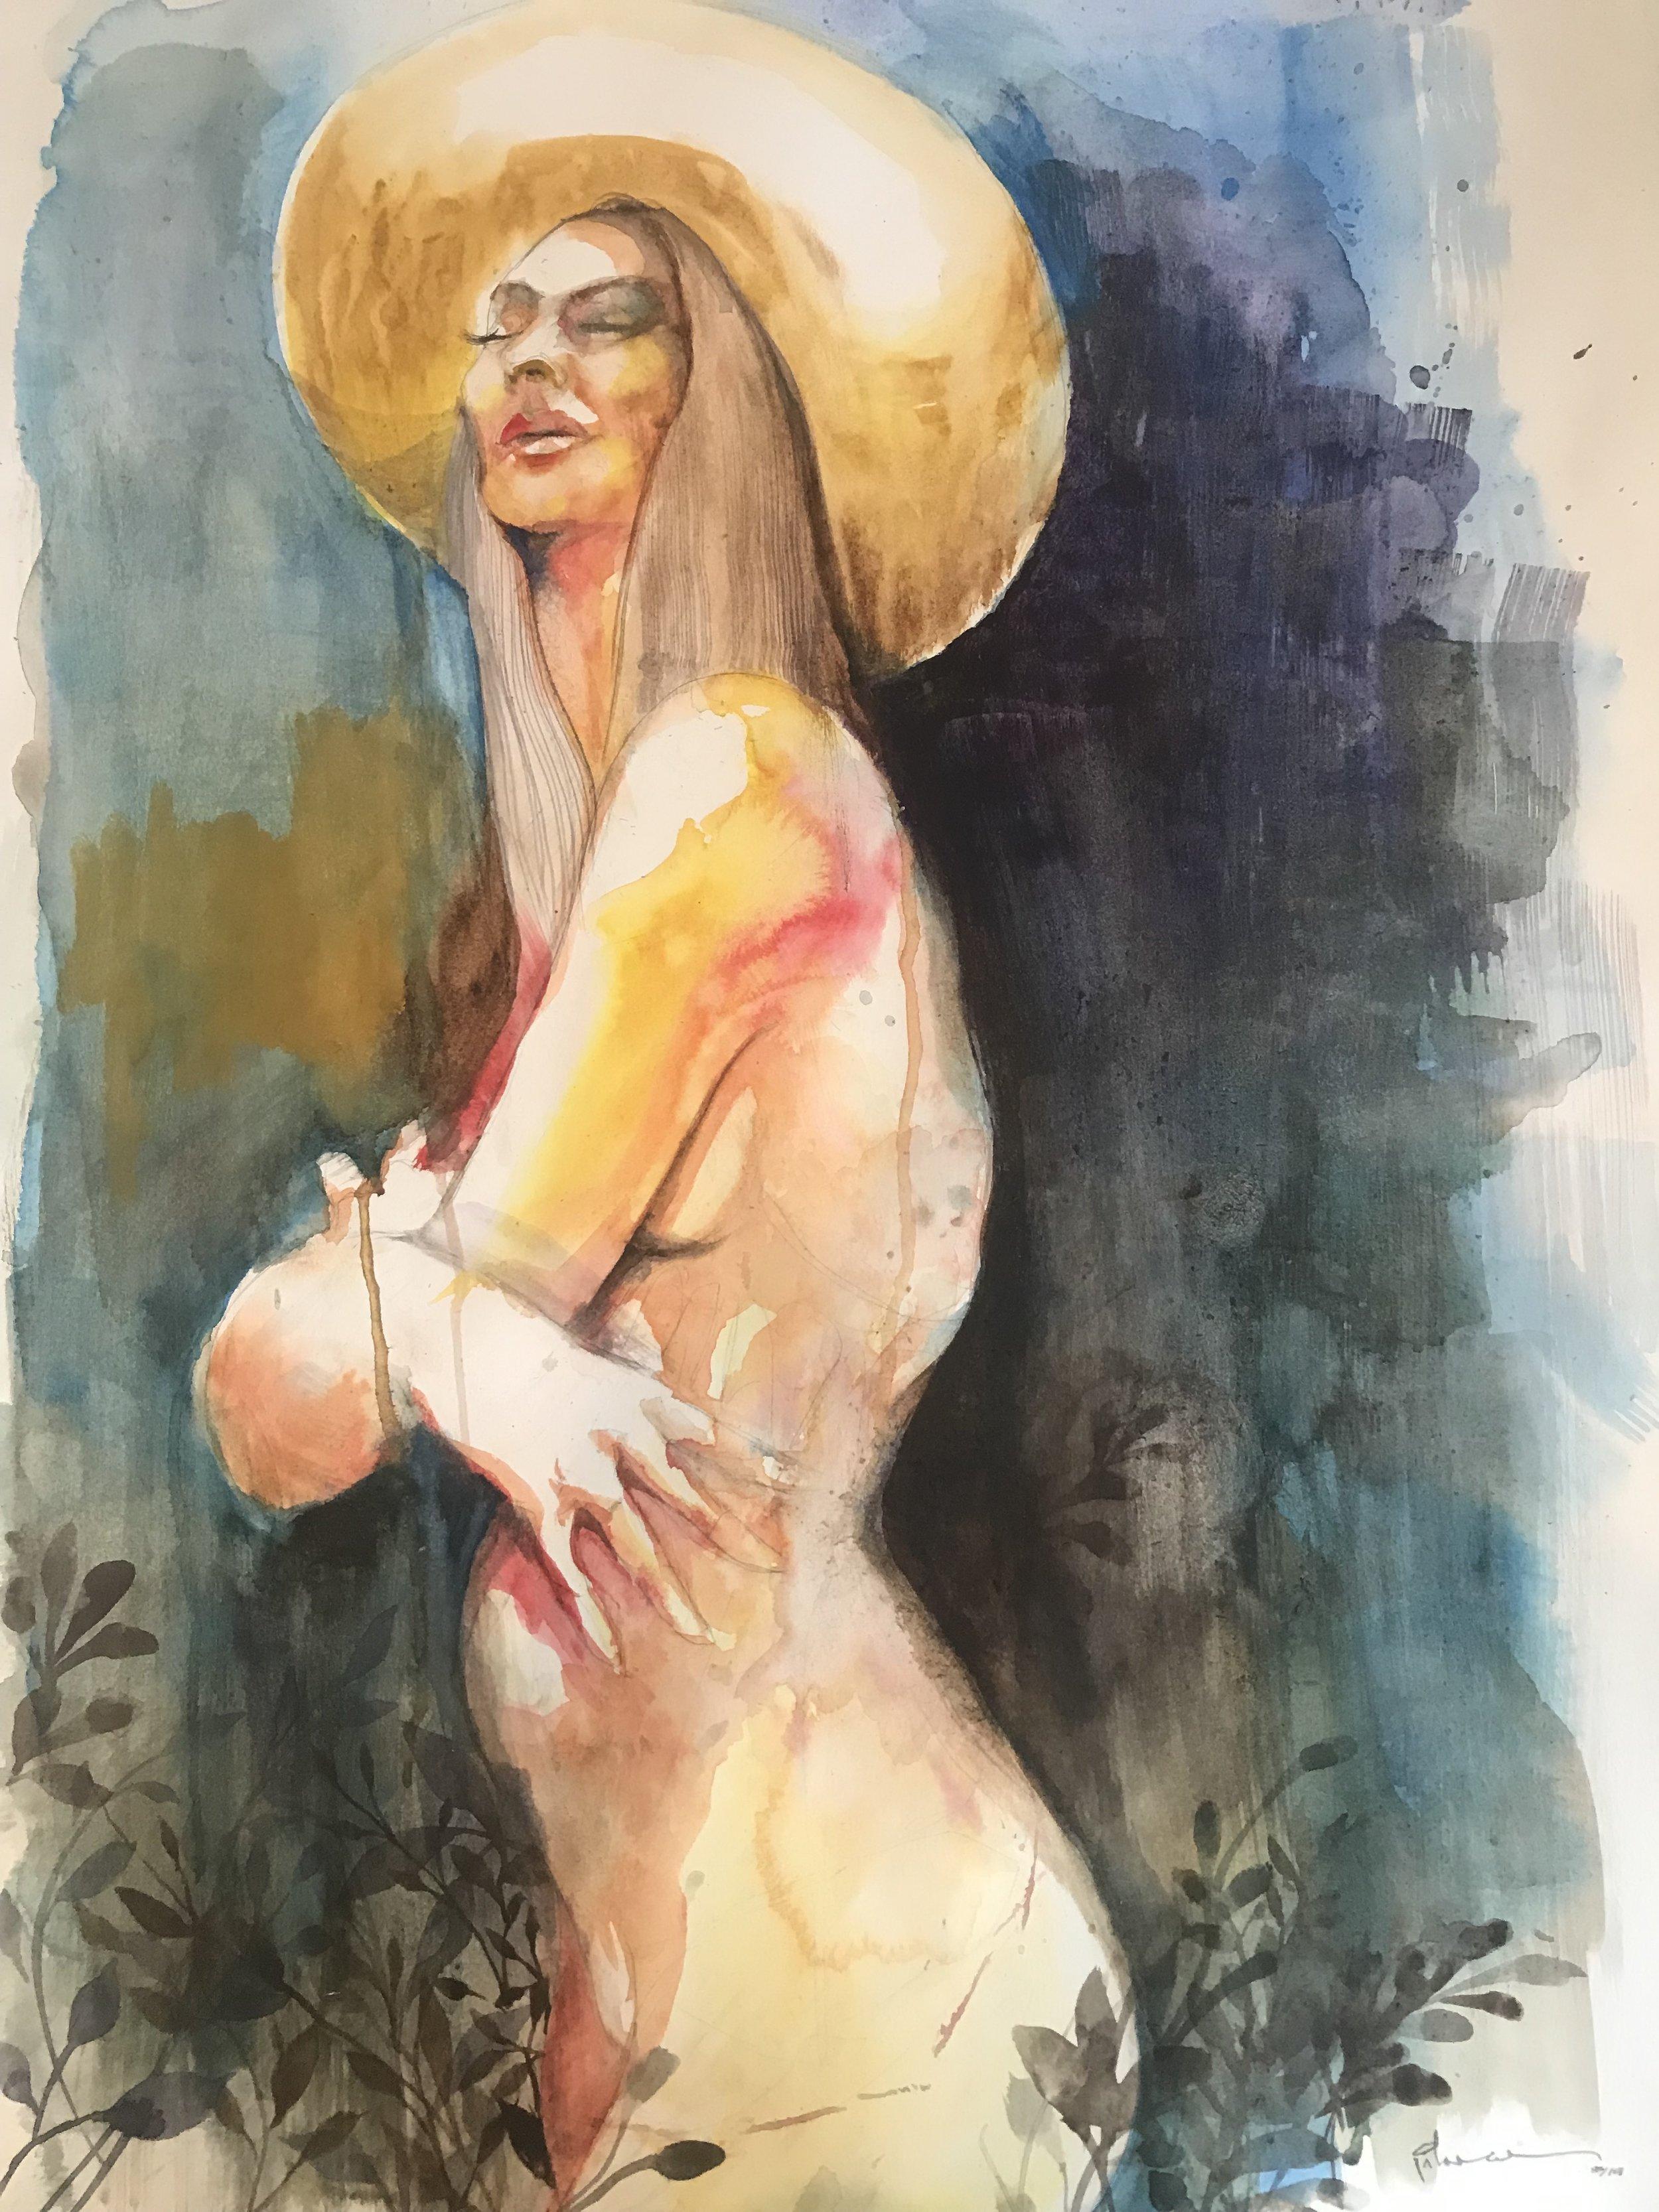 Sun Bather - $895